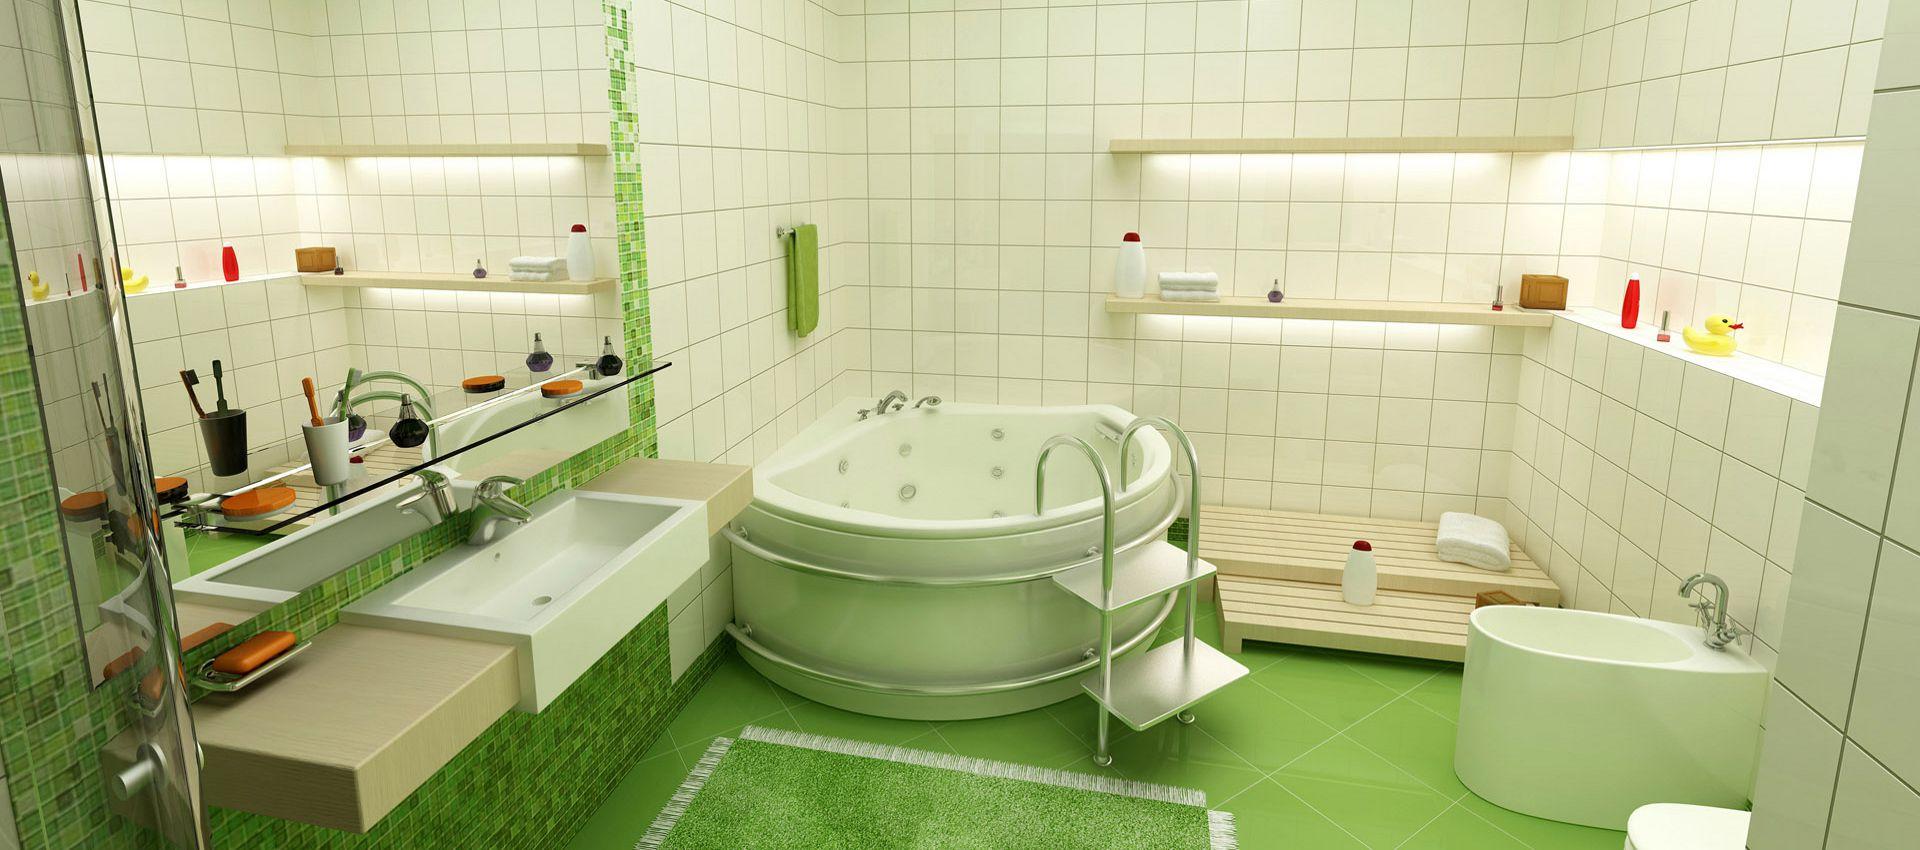 Płytki Ceramiczne łazienkowe Kuchennebielsko Biała